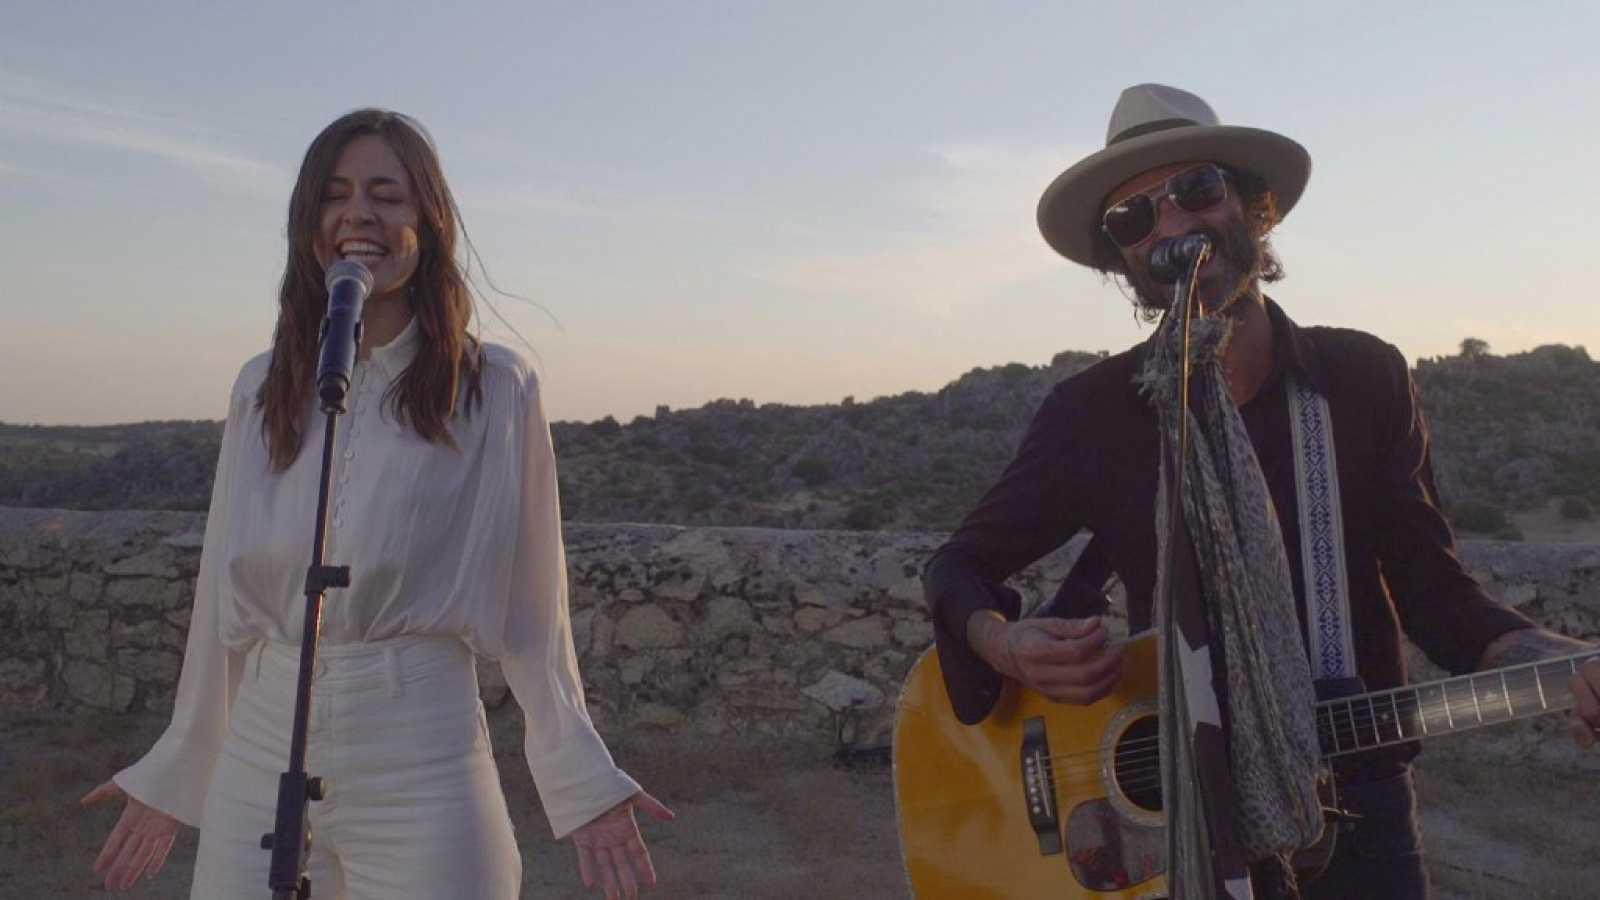 Leiva y Maika Makovski tocarán juntos en el especial 'Día de la Música' de La Hora Musa